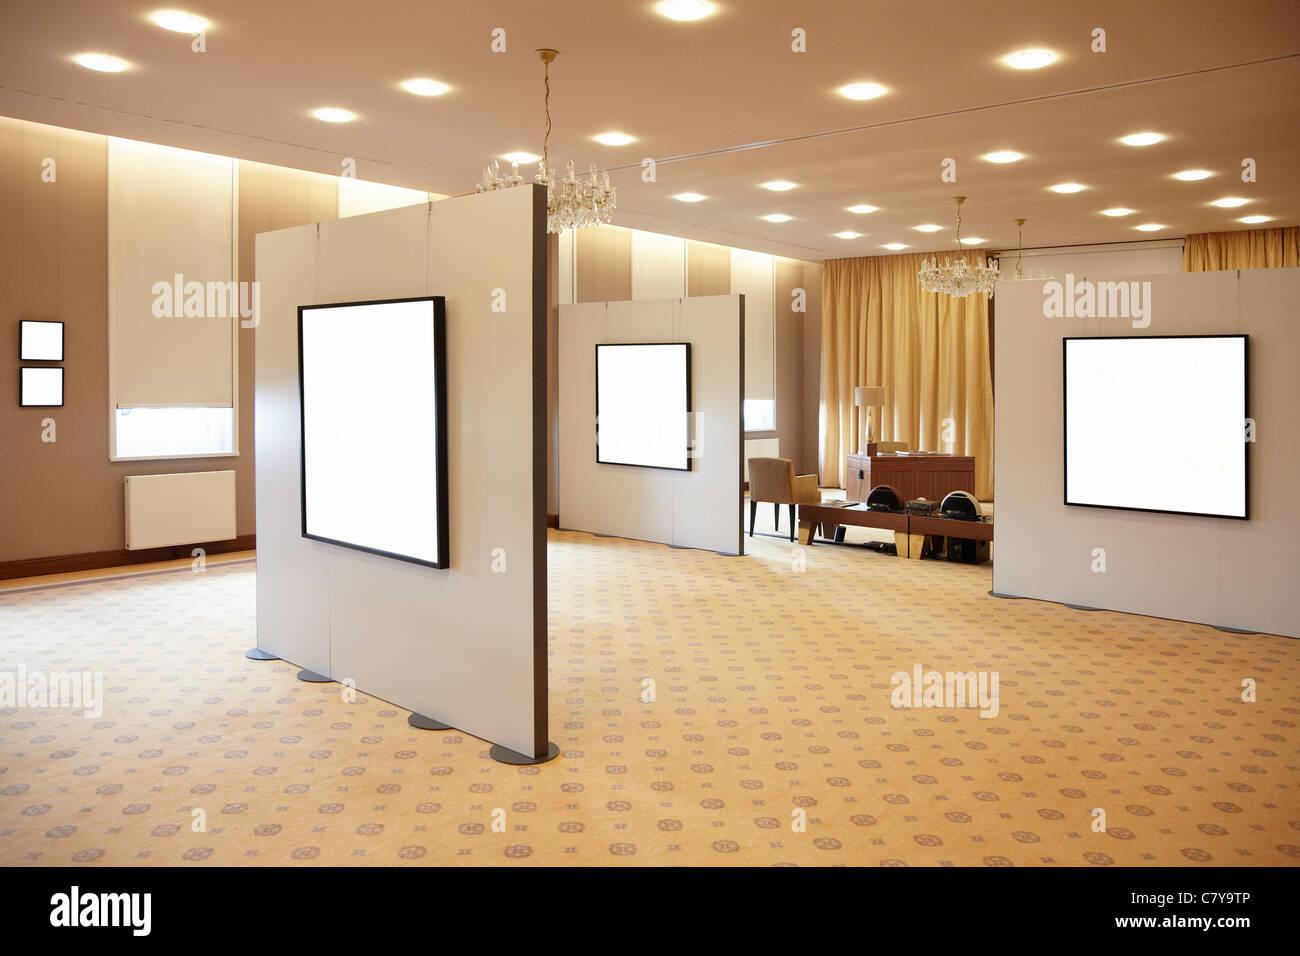 Blanc à blanc dans les cadres de l'intérieur art gallery Photo Stock